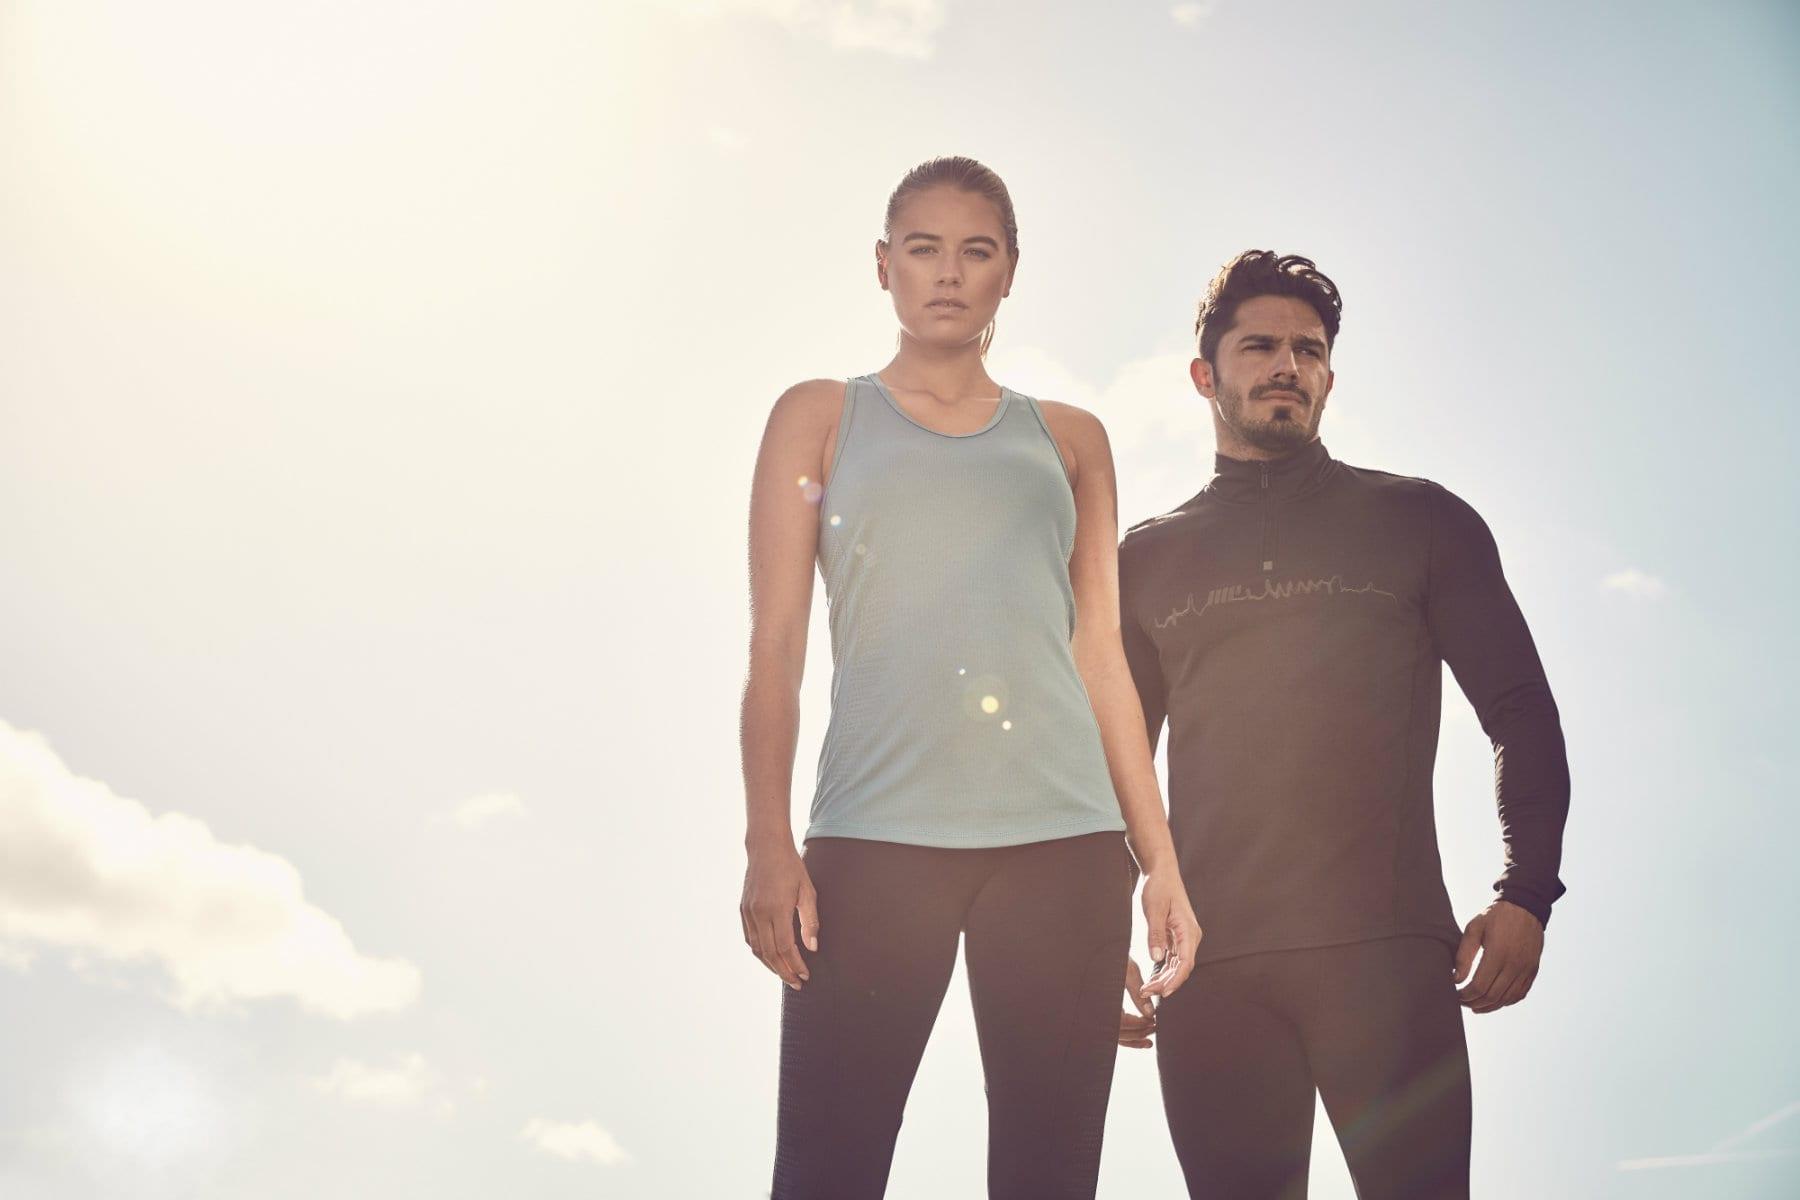 HIIT edzés otthon | 15 perces HIIT edzésterv